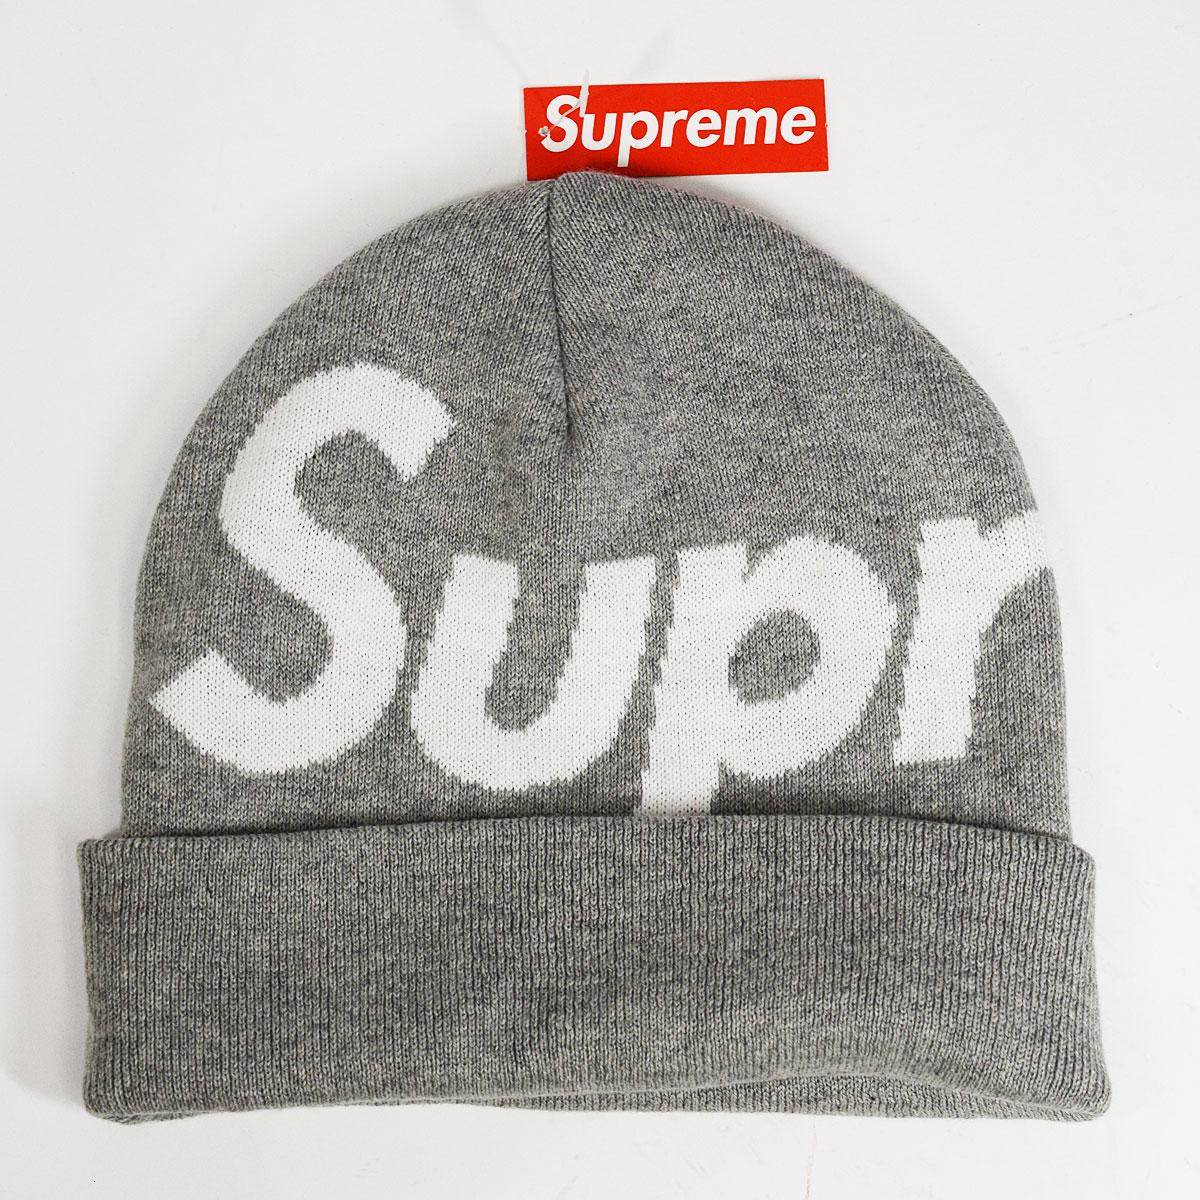 【新品】Supreme シュプリーム Big Logo Beanie ビッグ ロゴ ビーニー HTH GREY フリーサイズ 92%コットン 8%カシミヤ FW19BN7【送料無料】男女兼用 帽子【代引き手数料無料】31821105